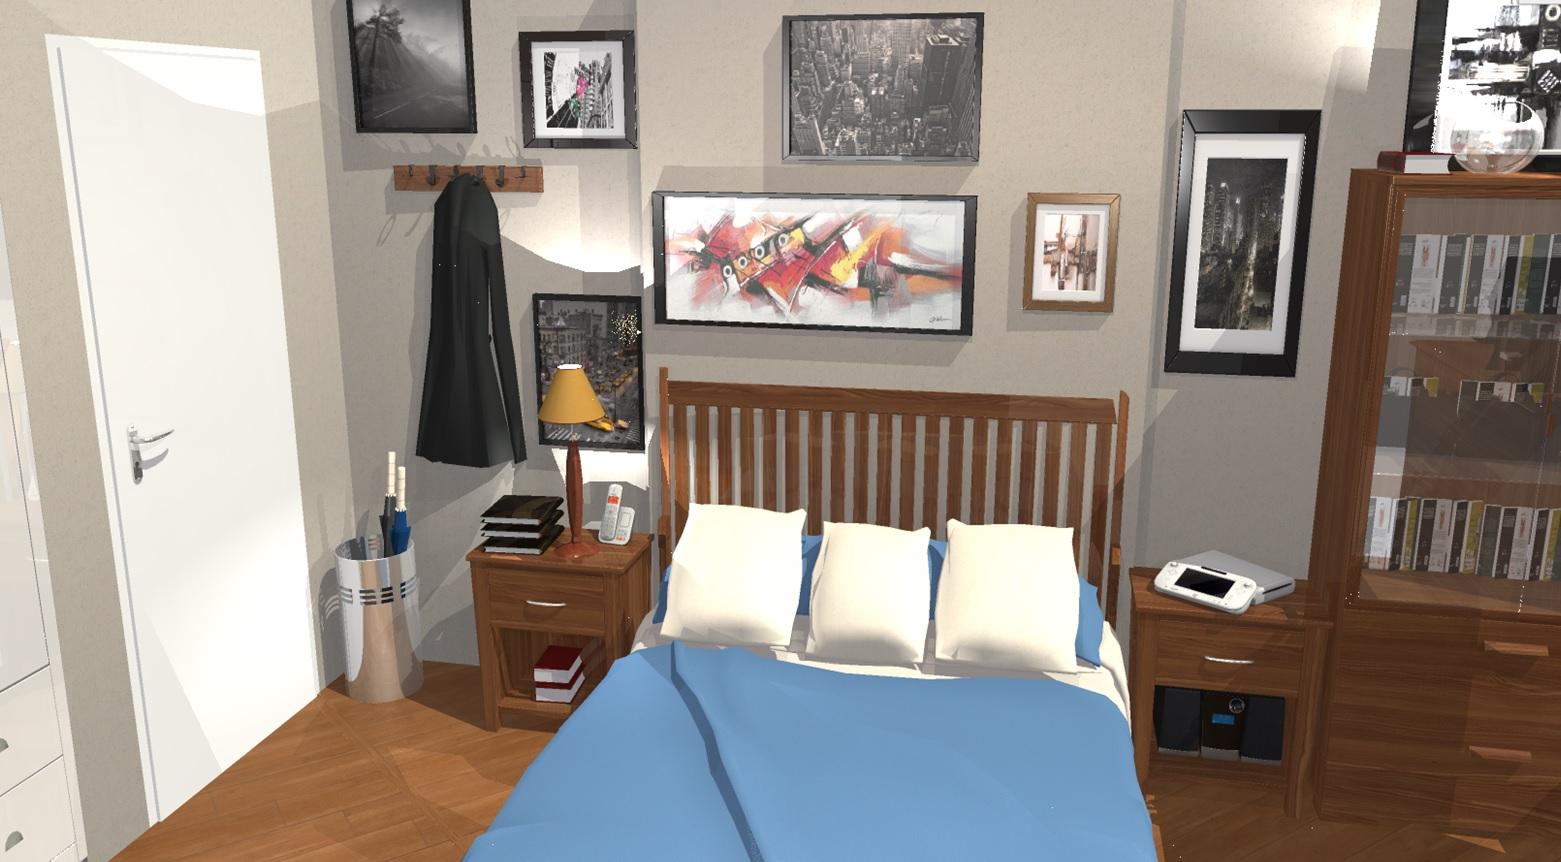 Leonardu0027s Bedroom